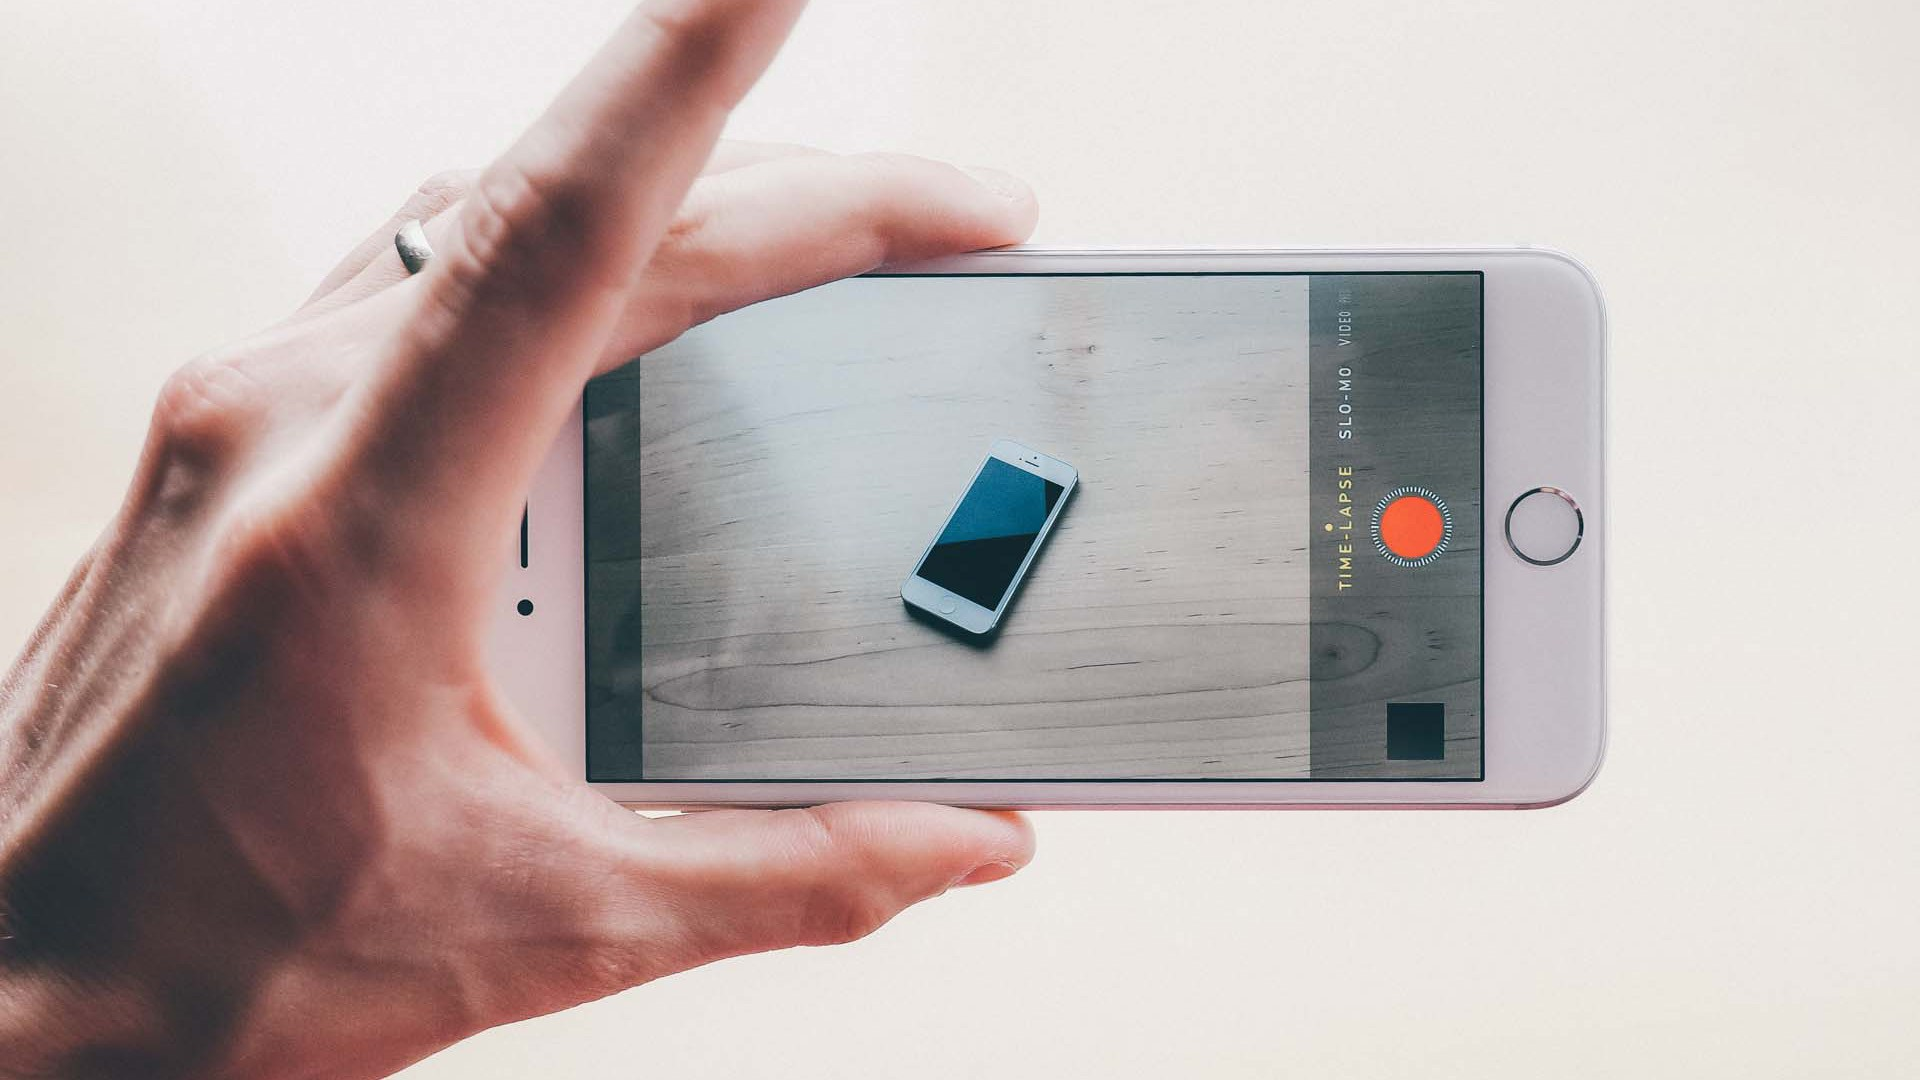 Как правильно делать фото на айфоне 6